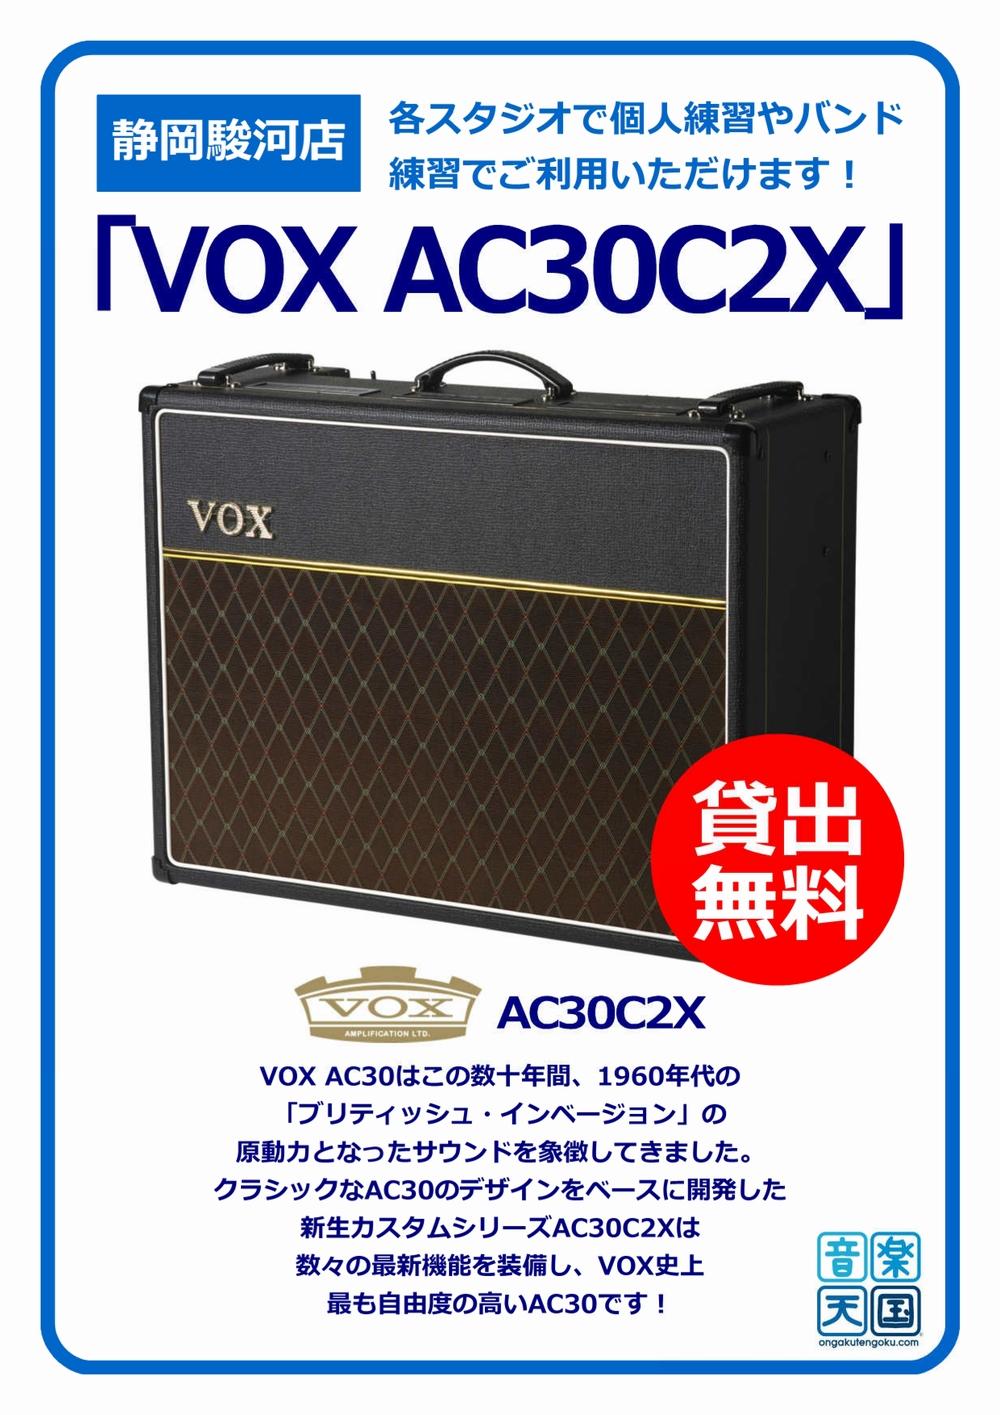 VOX AC30C2Xお貸出し中